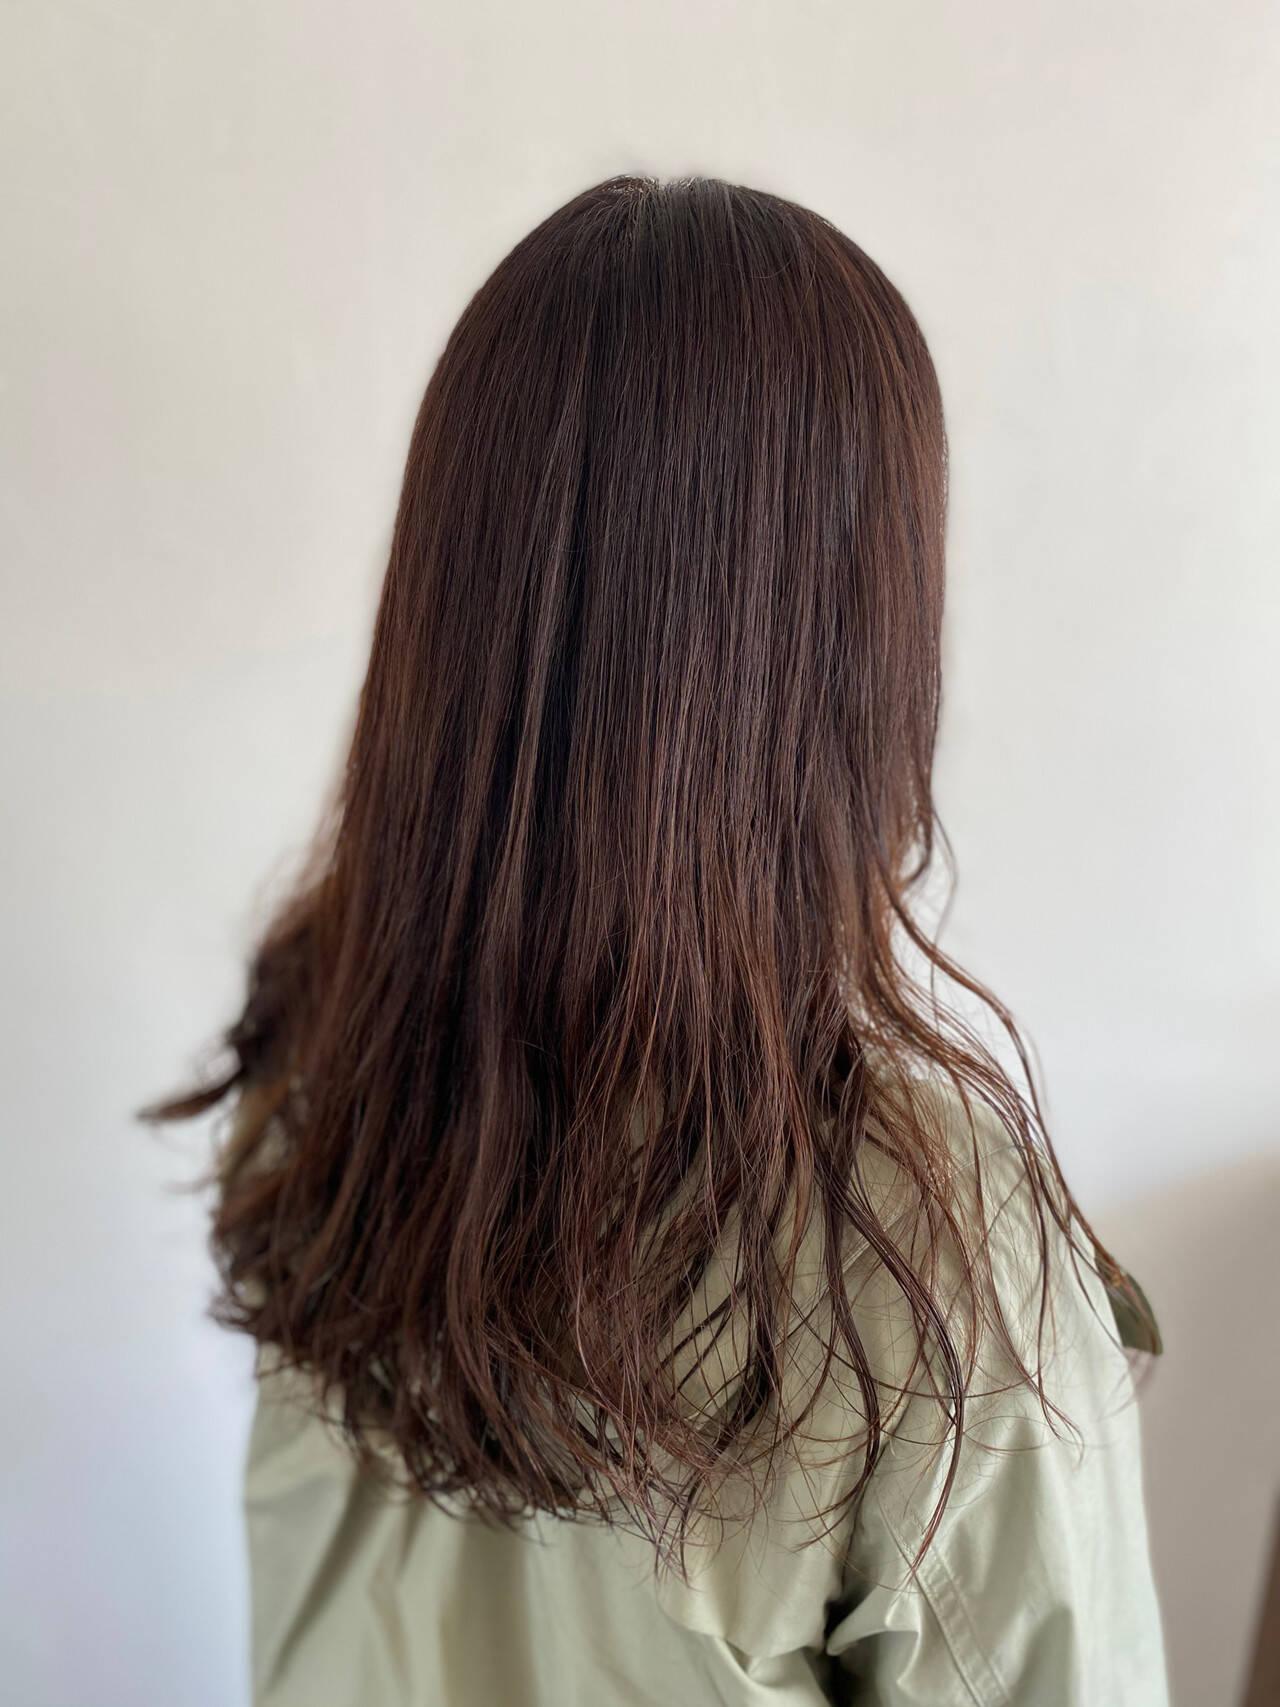 エレガント 大人ロング ロングヘアスタイル ロングヘアスタイルや髪型の写真・画像